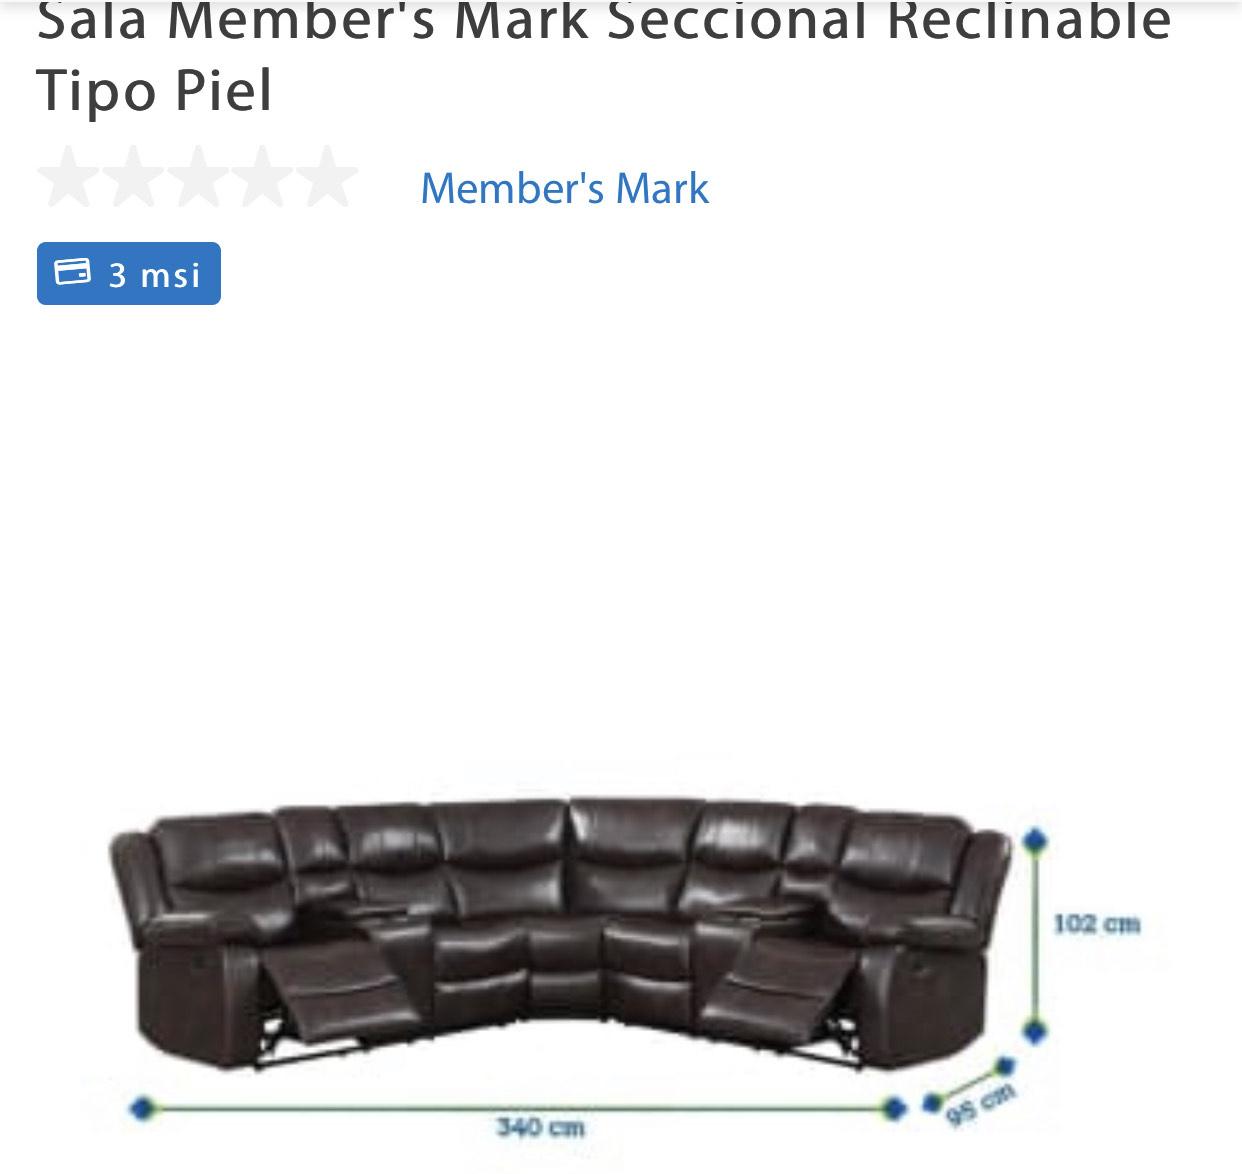 Sam's Club: Sala Member's Mark Seccional Reclinable Tipo Piel